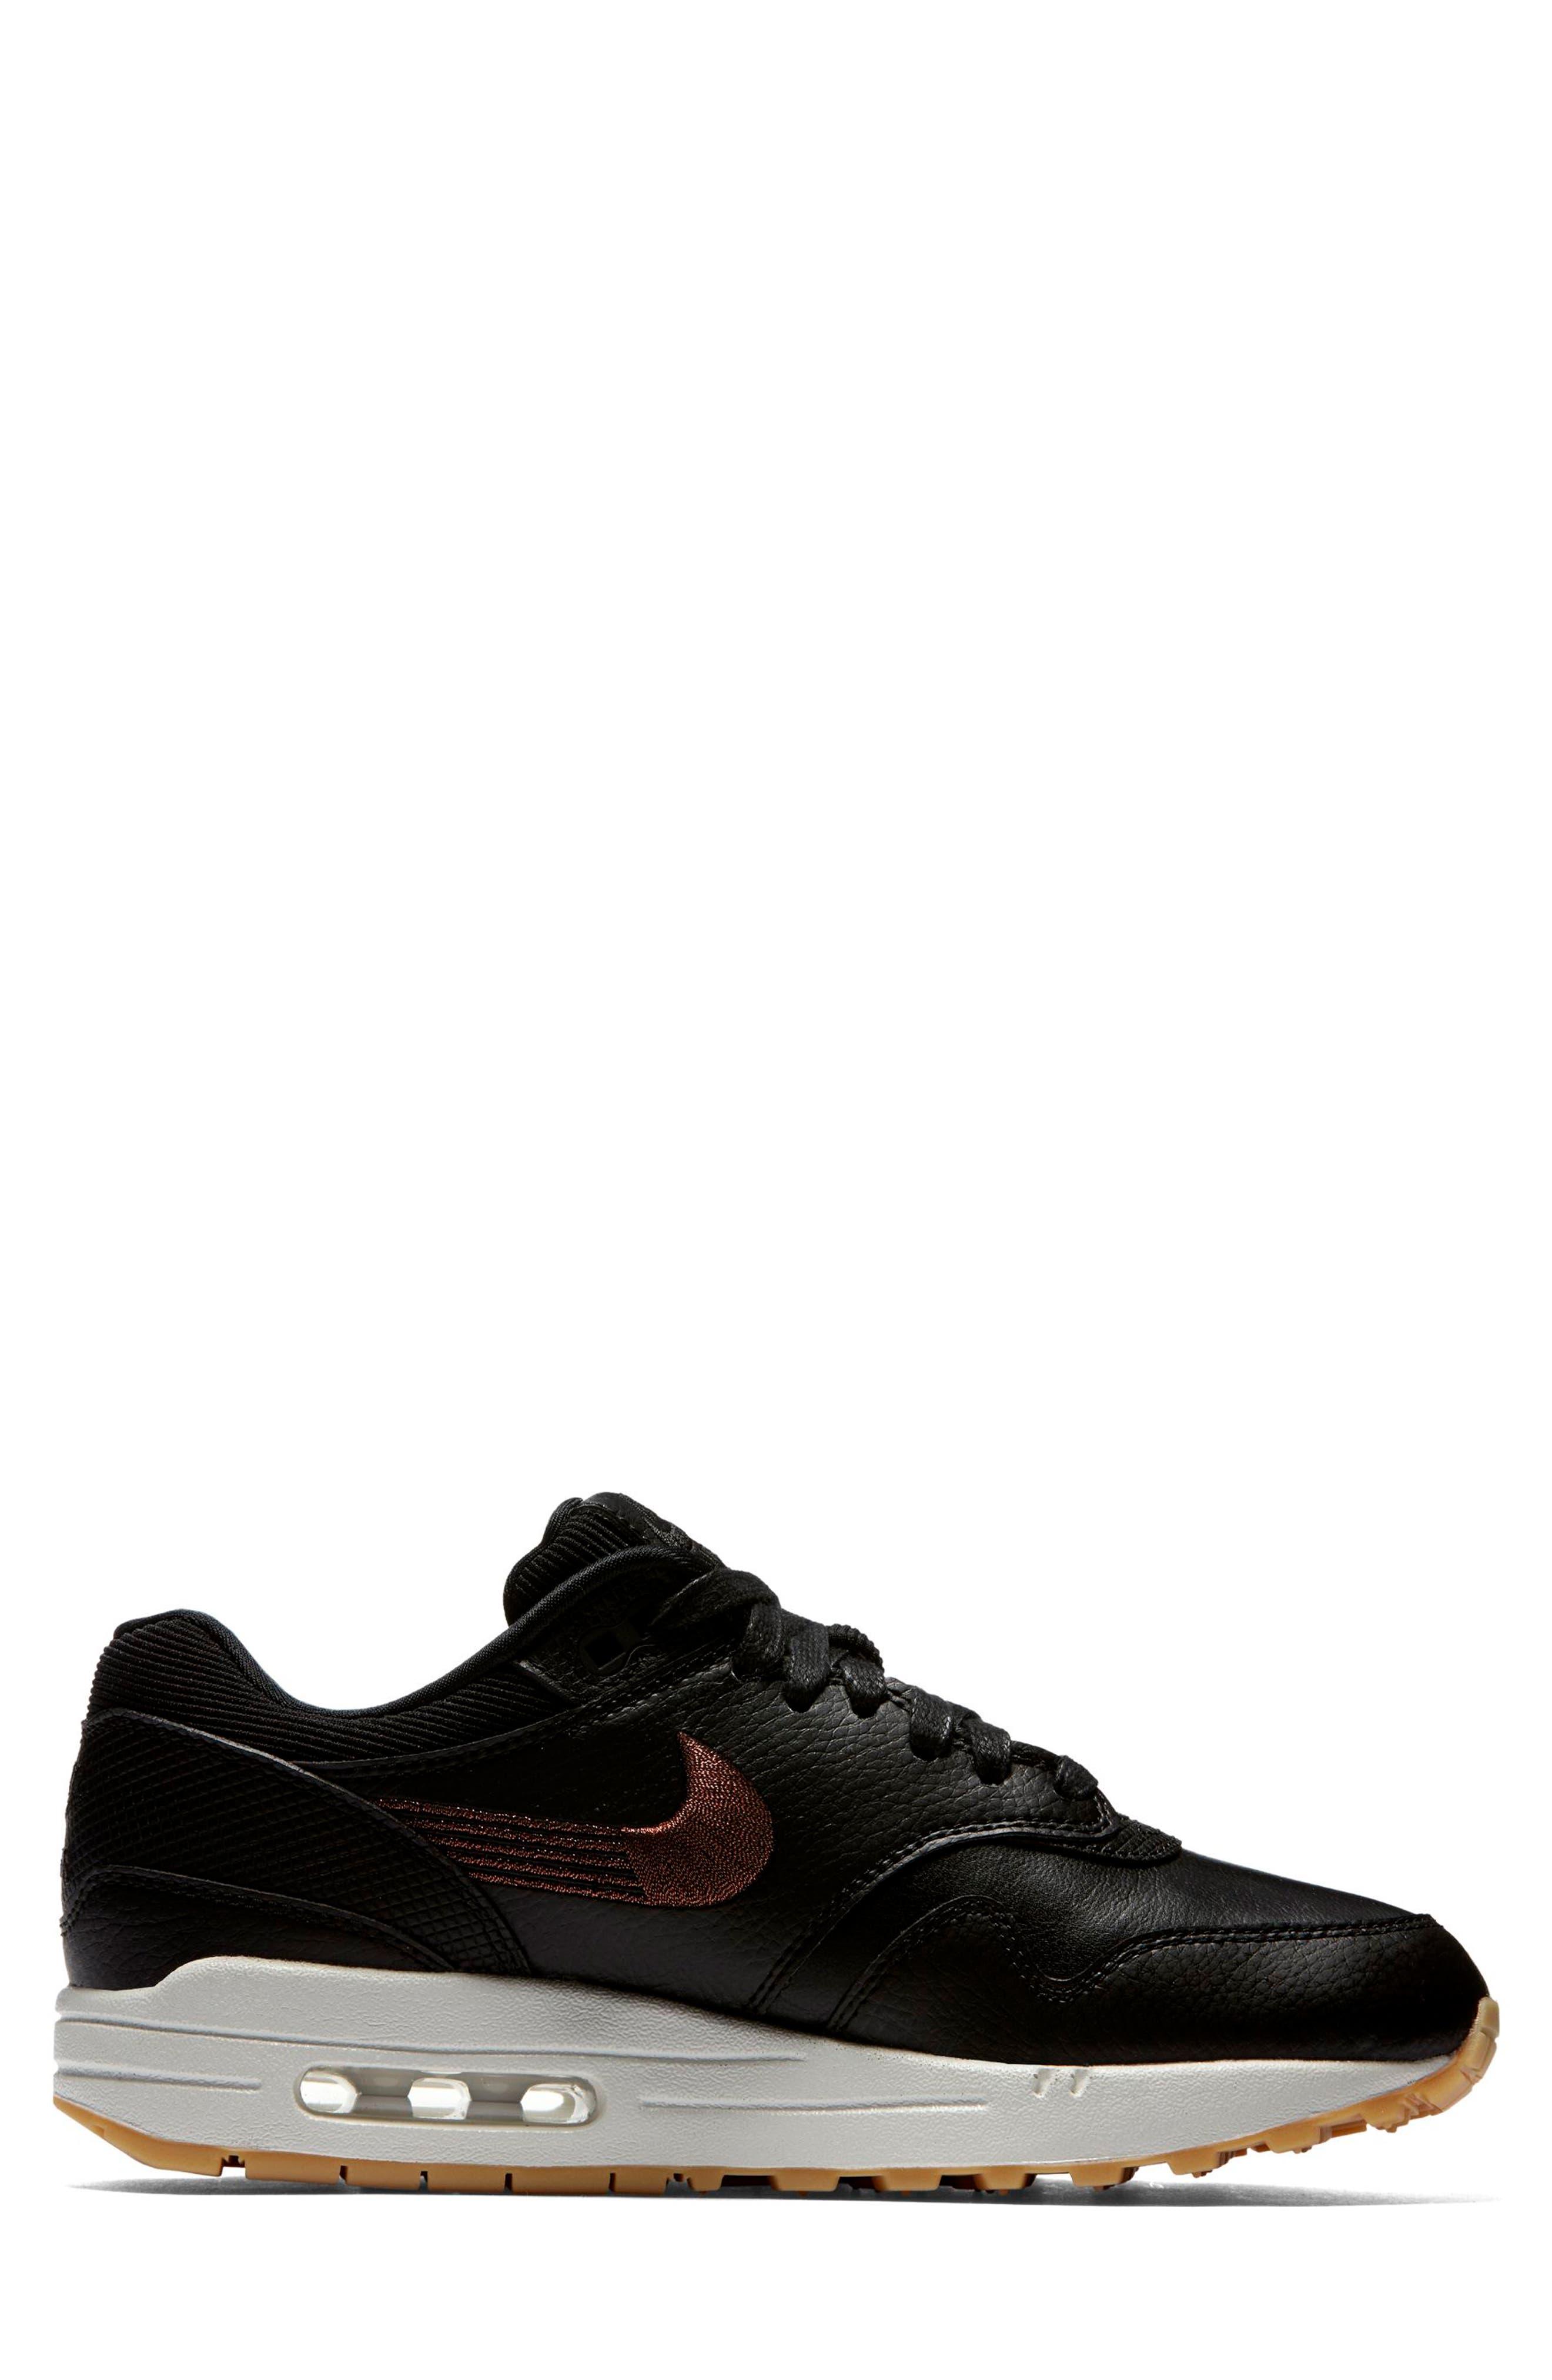 Air Max 1 Premium Sneaker,                             Alternate thumbnail 3, color,                             GREY